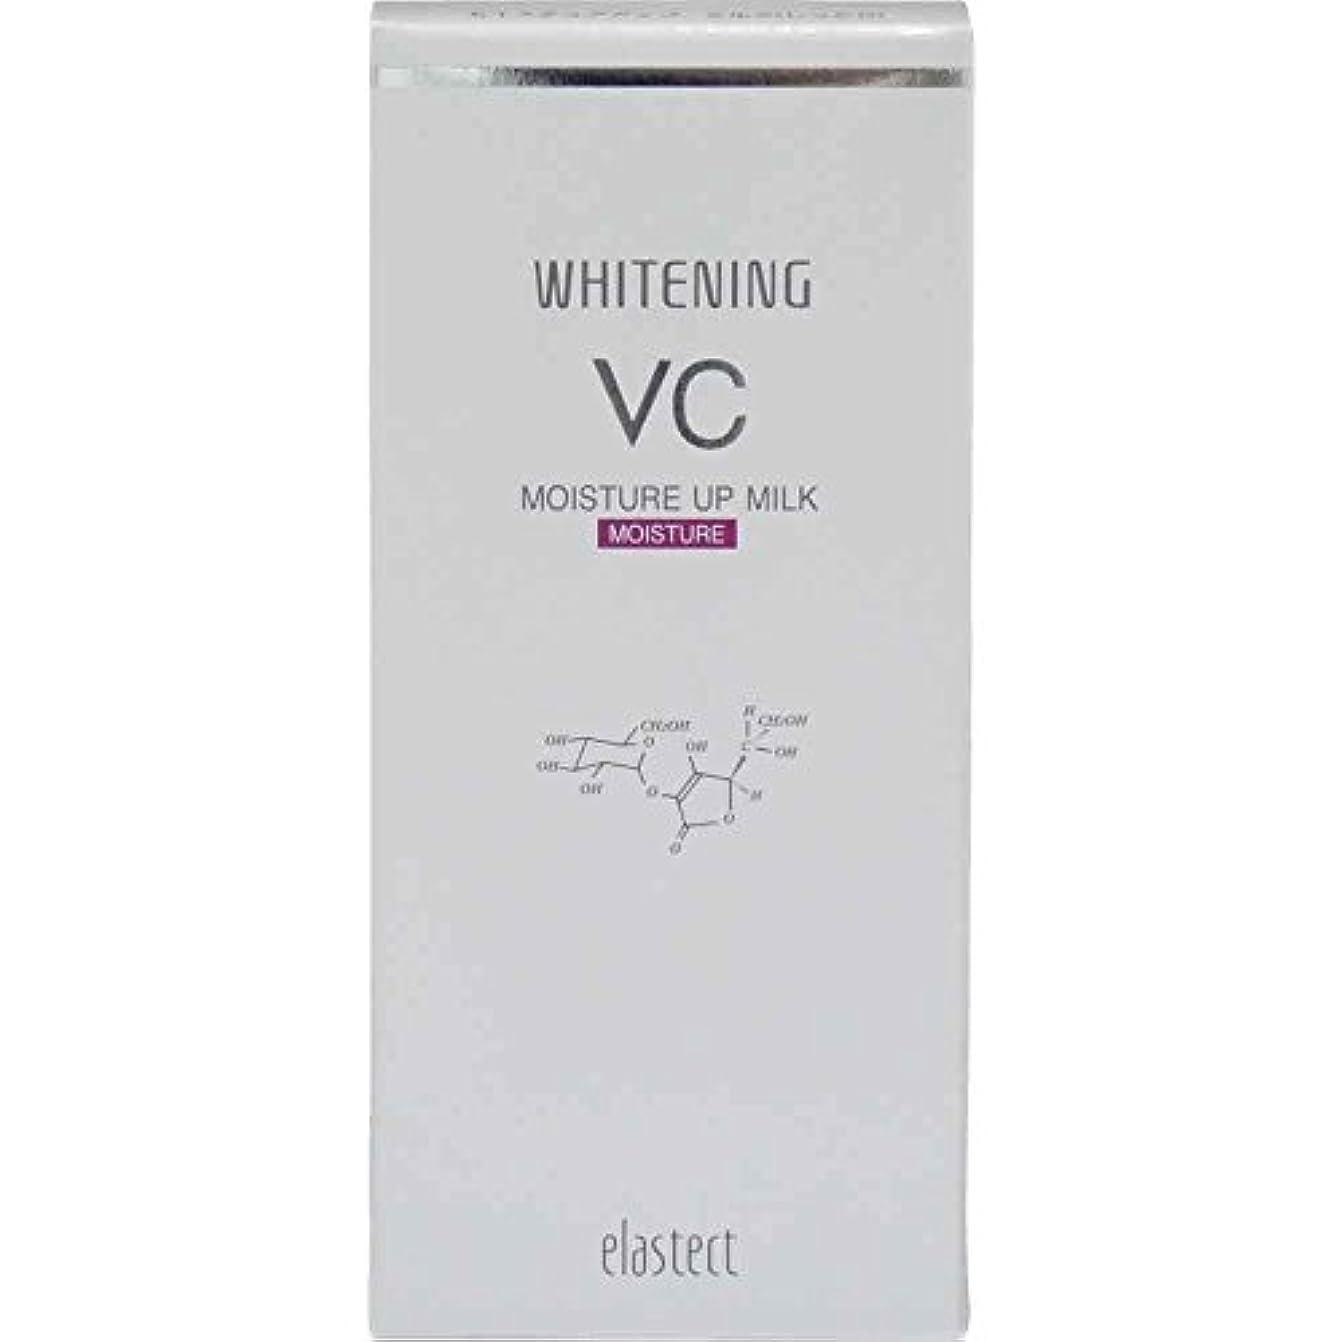 ジェムマウスさせるエラステクト ホワイトニング モイスチュアアップミルクVC(M) しっとりタイプ 120mL 【医薬部外品】